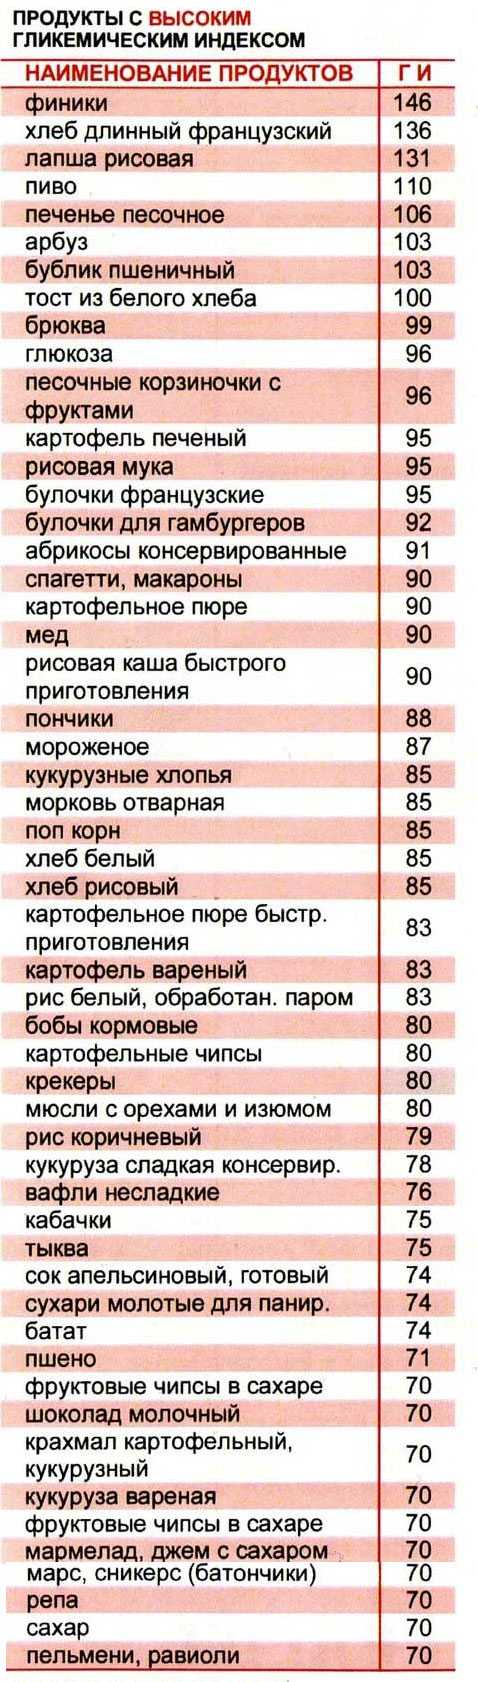 Таблица 1: продукты с высоким гликемическим индексом